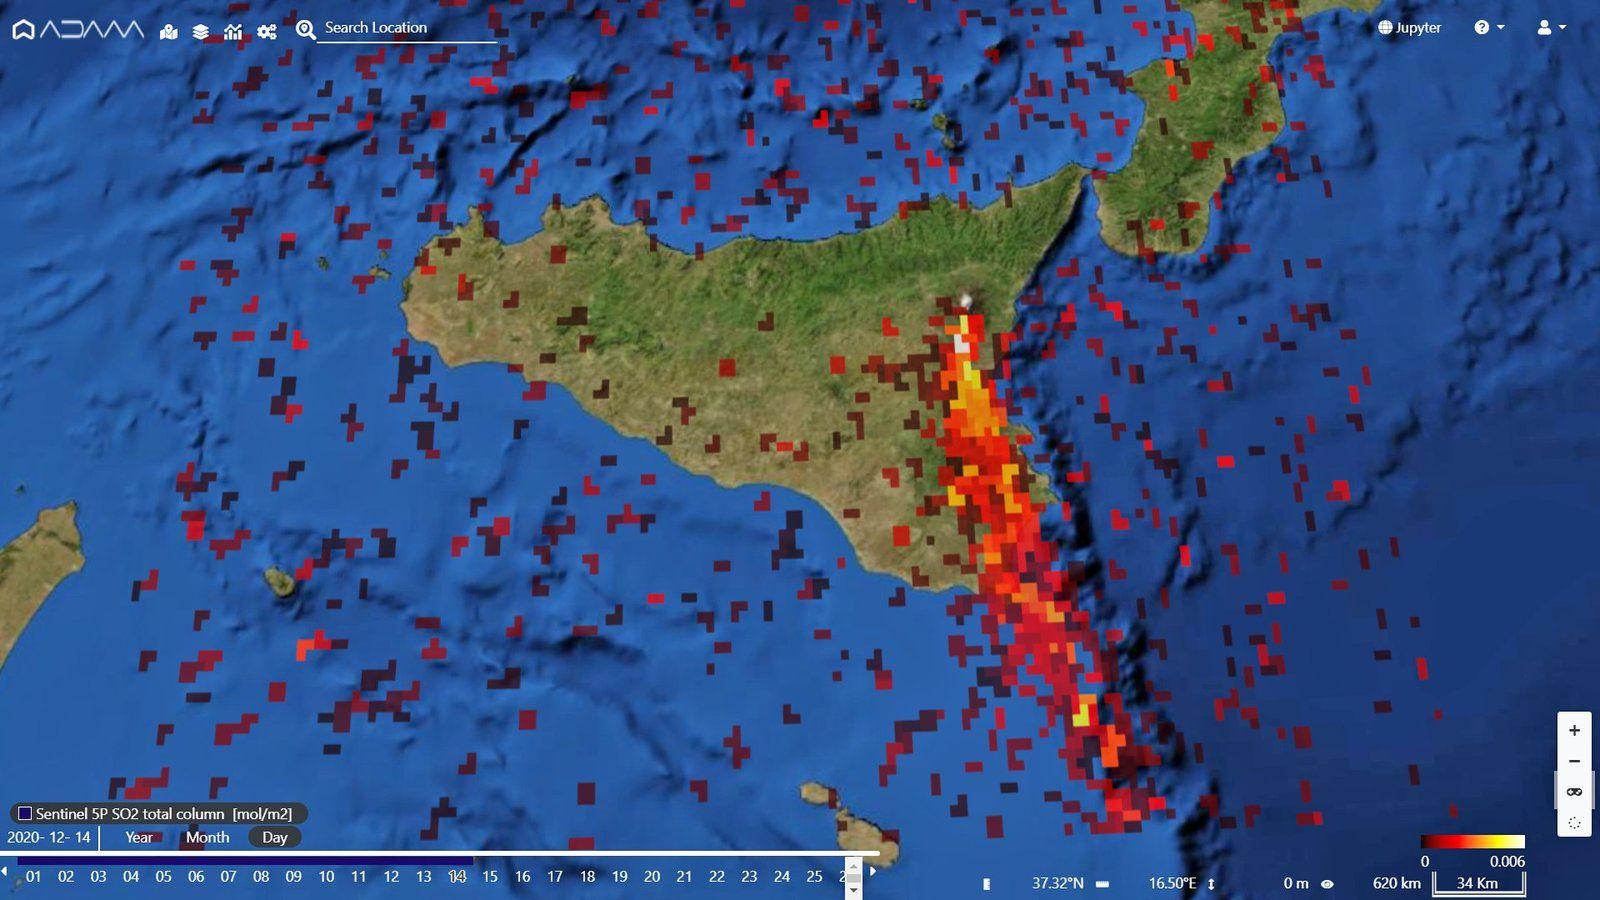 Etna - panache de dioxyde de soufre  -image  Sentinel-5P 14.12.2020